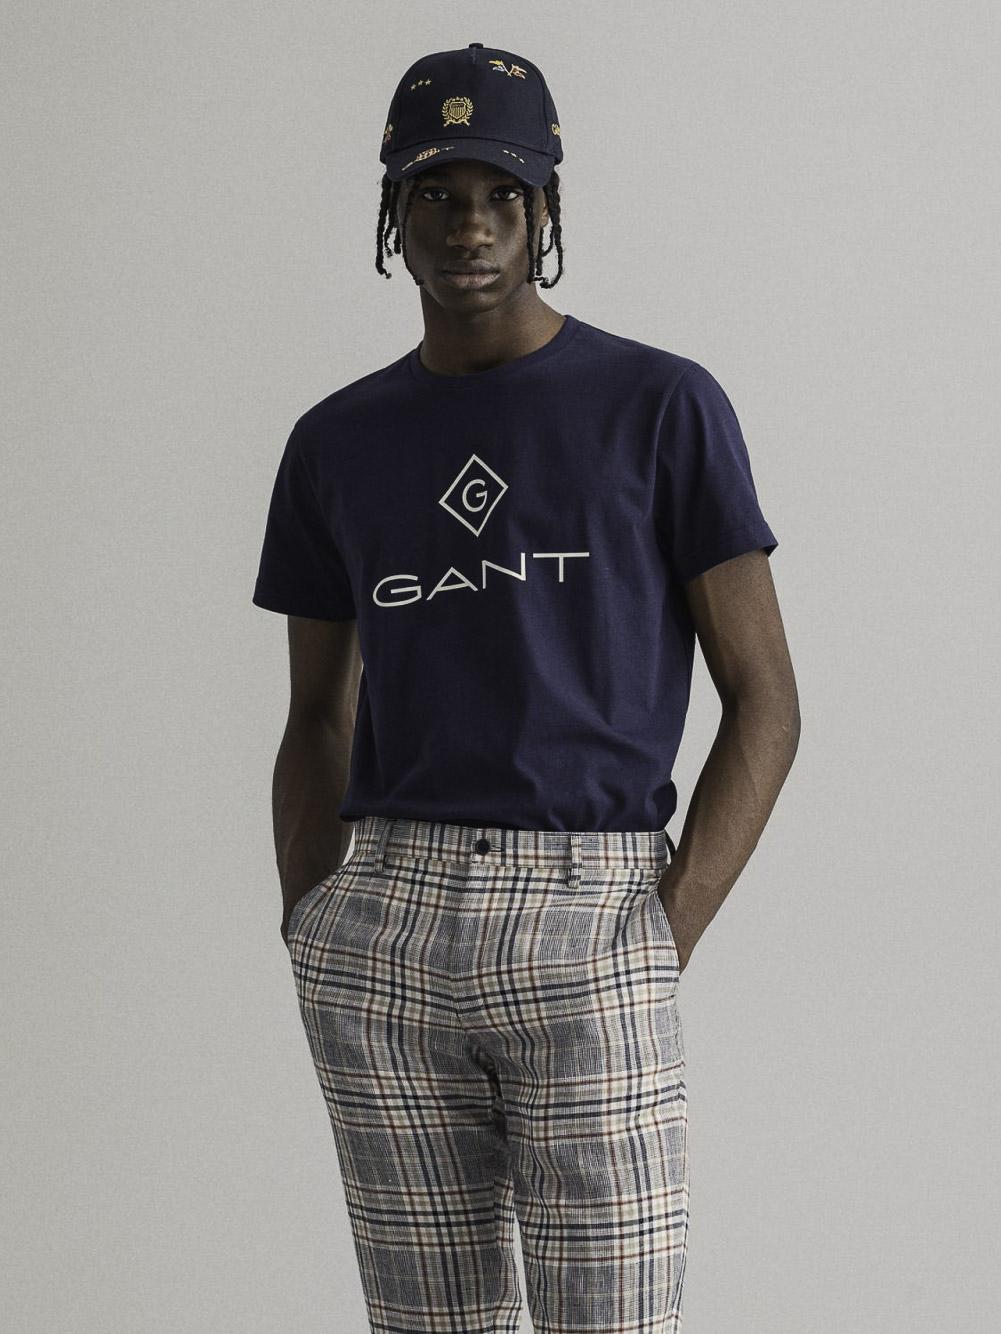 GANT Μπλούζα t-shirt 3G2023000-433 ΣΚΟΥΡΟ ΜΠΛΕ